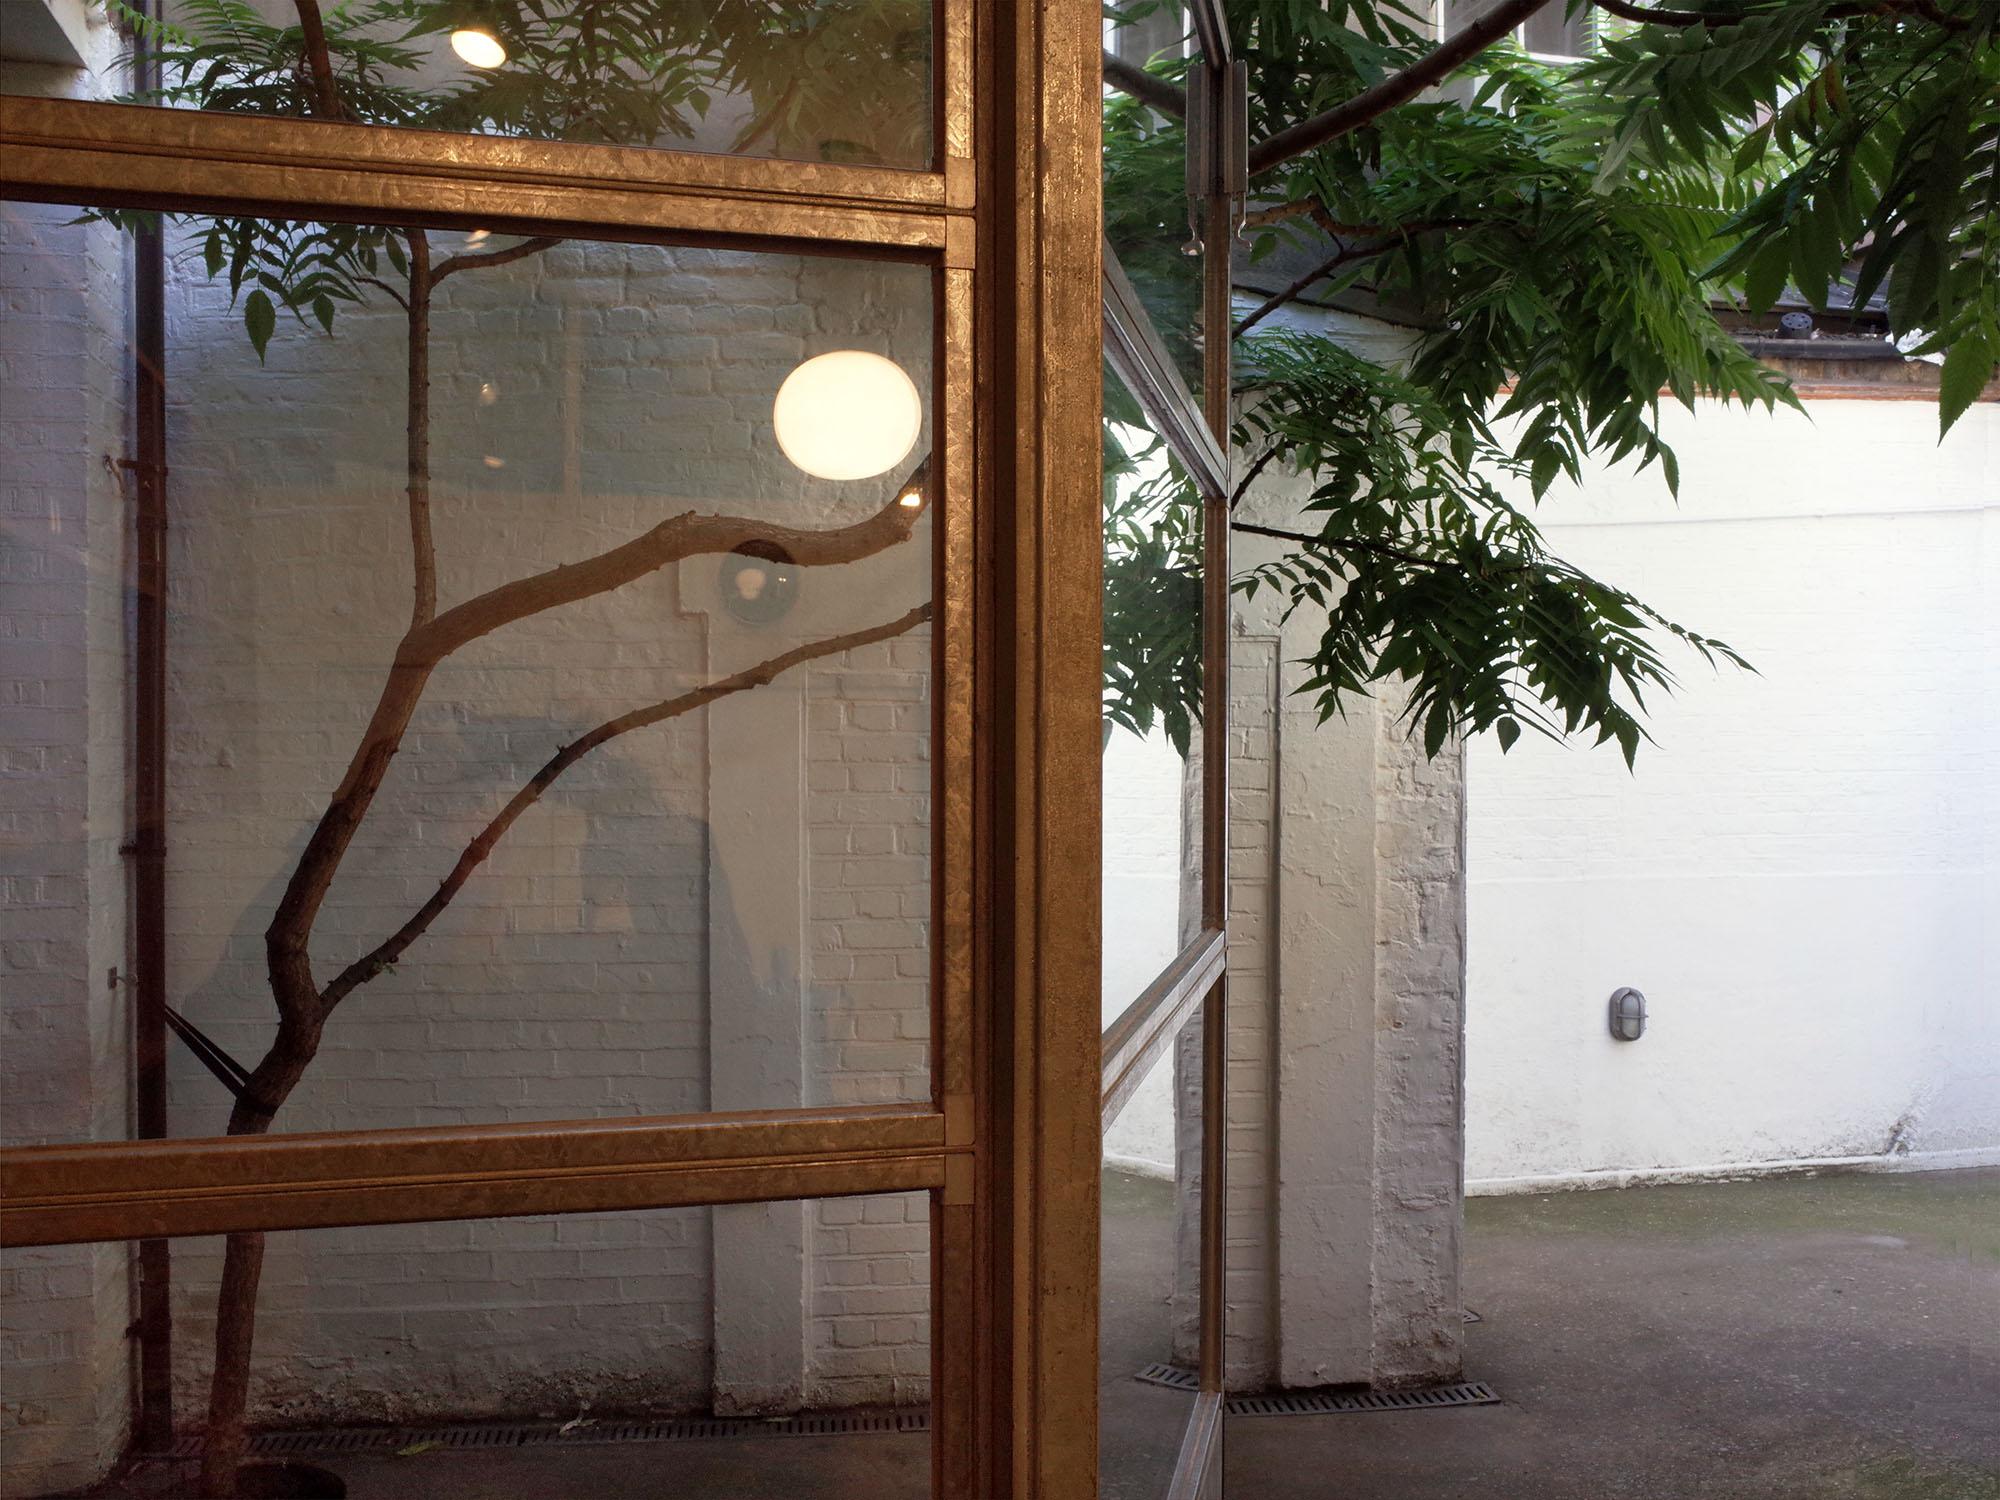 jasper-morrison-arbre